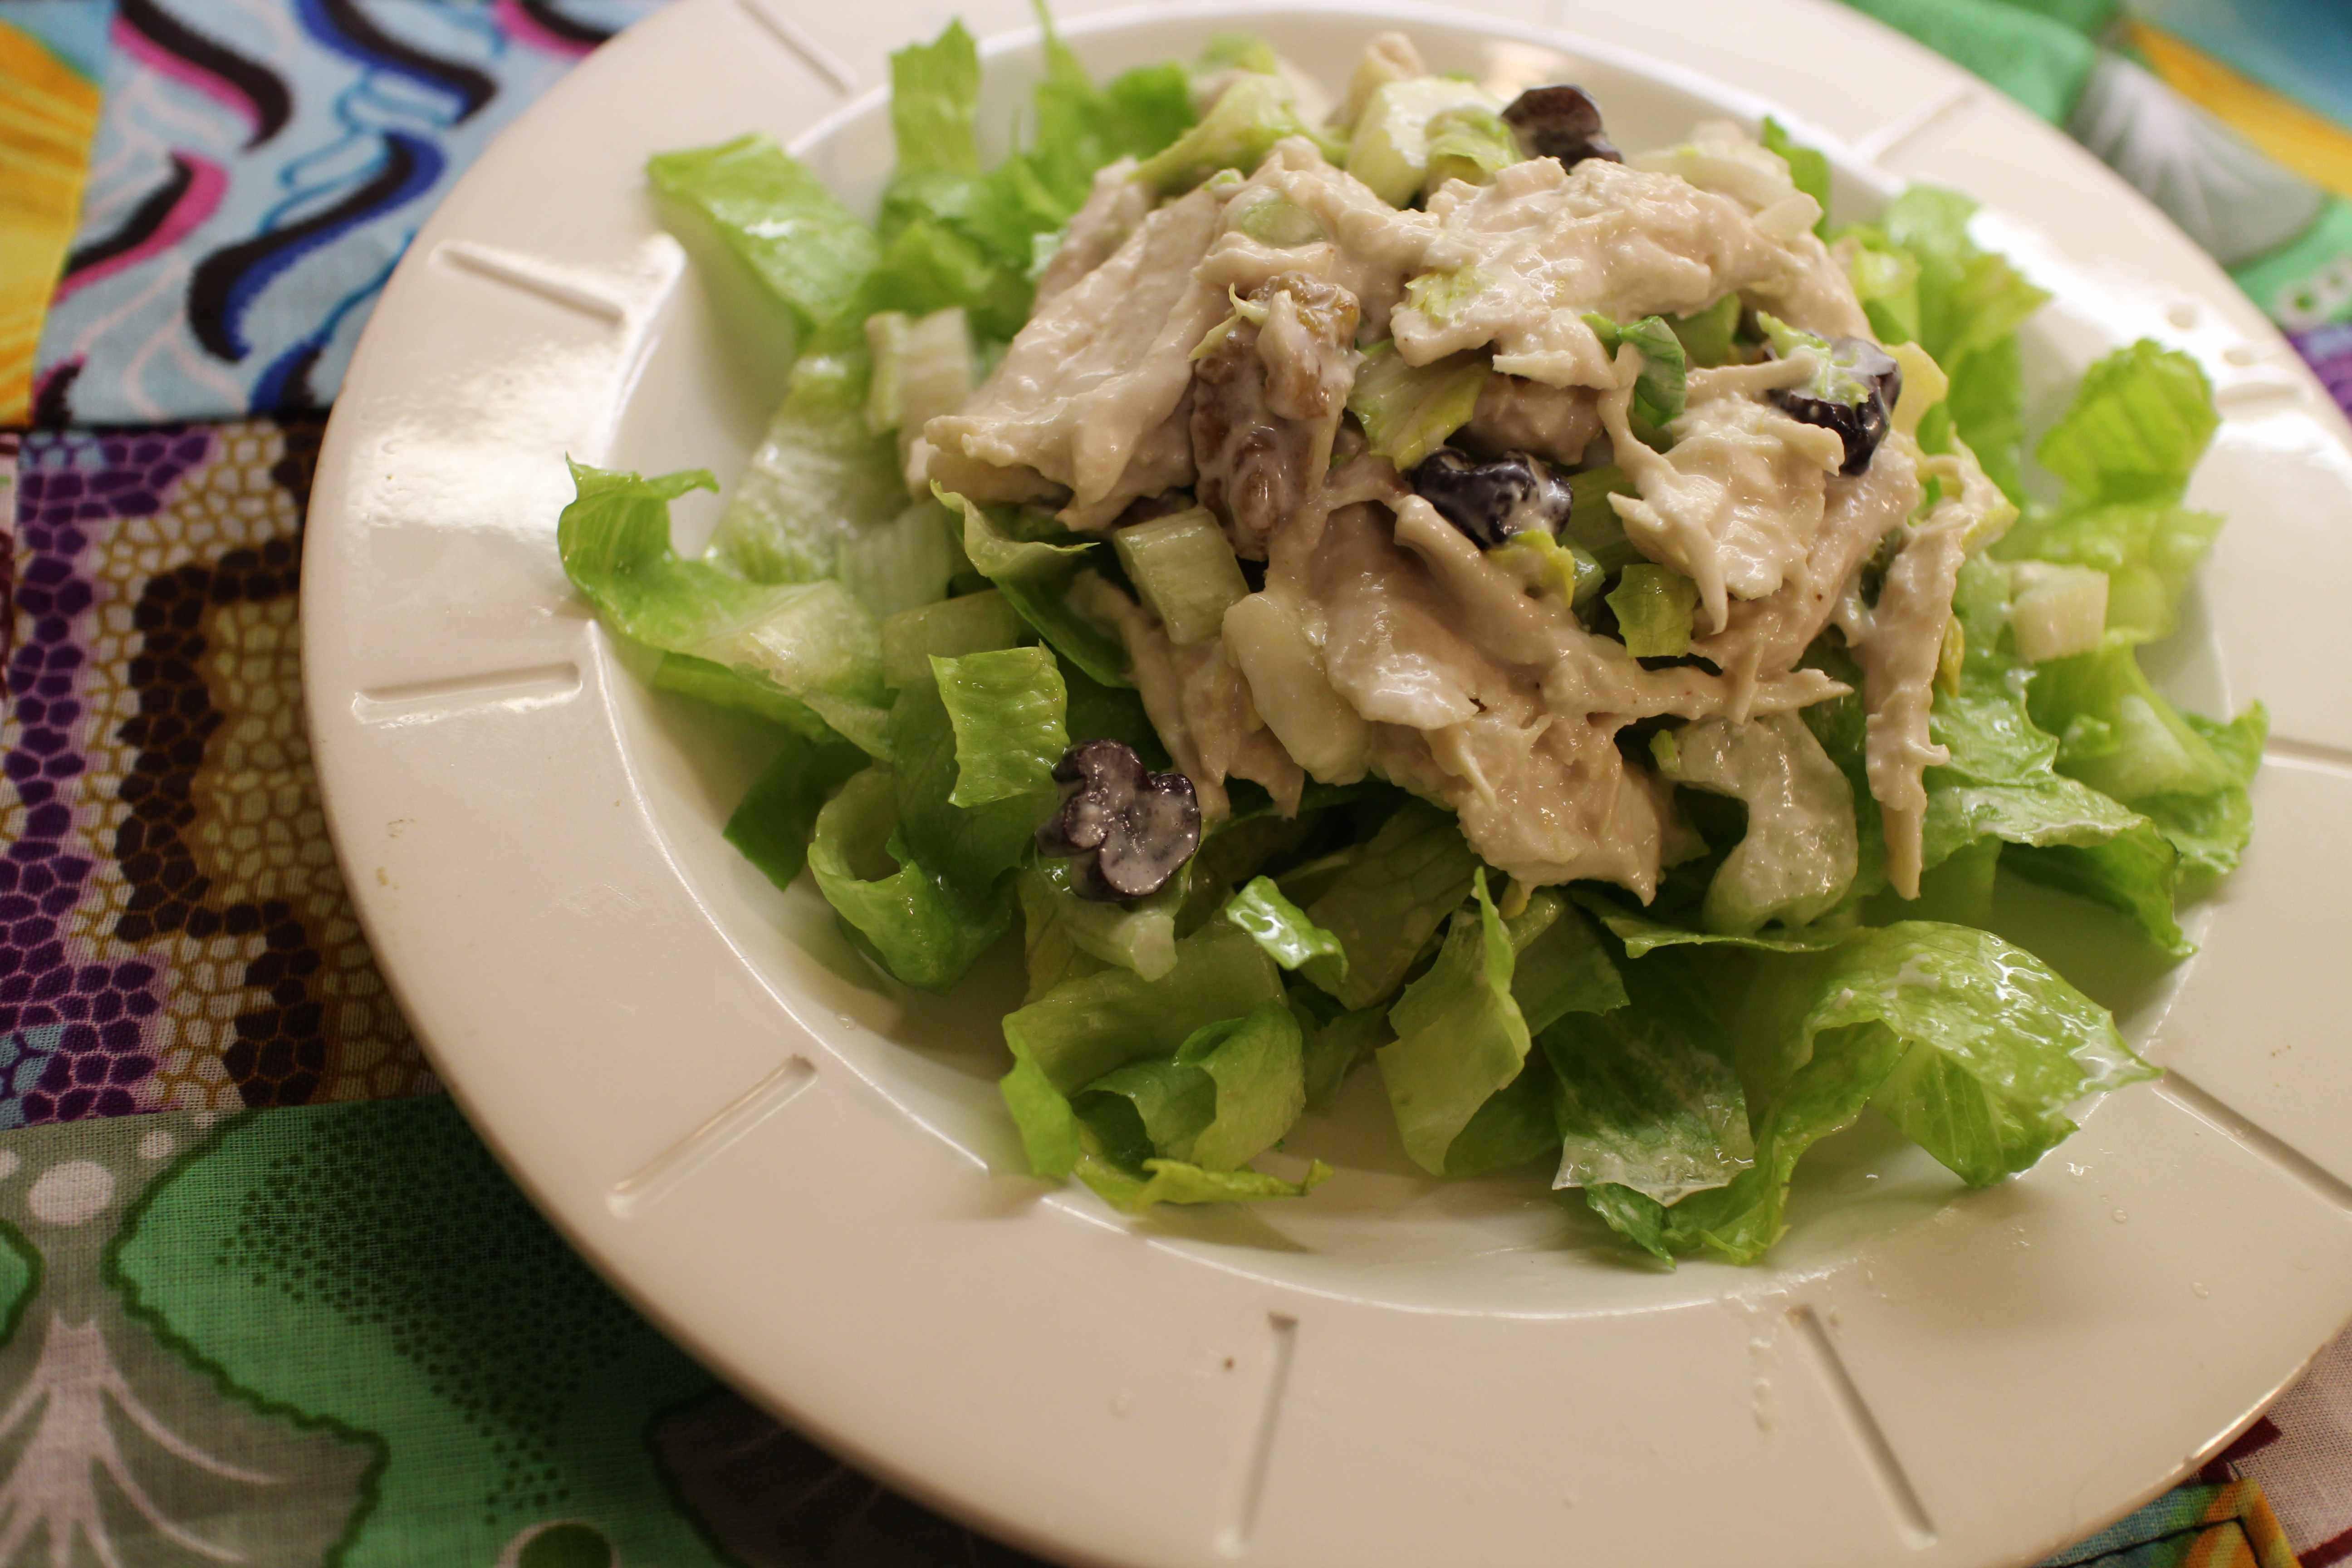 2013 0130 IMG_0608 Chicken salad on lettuce